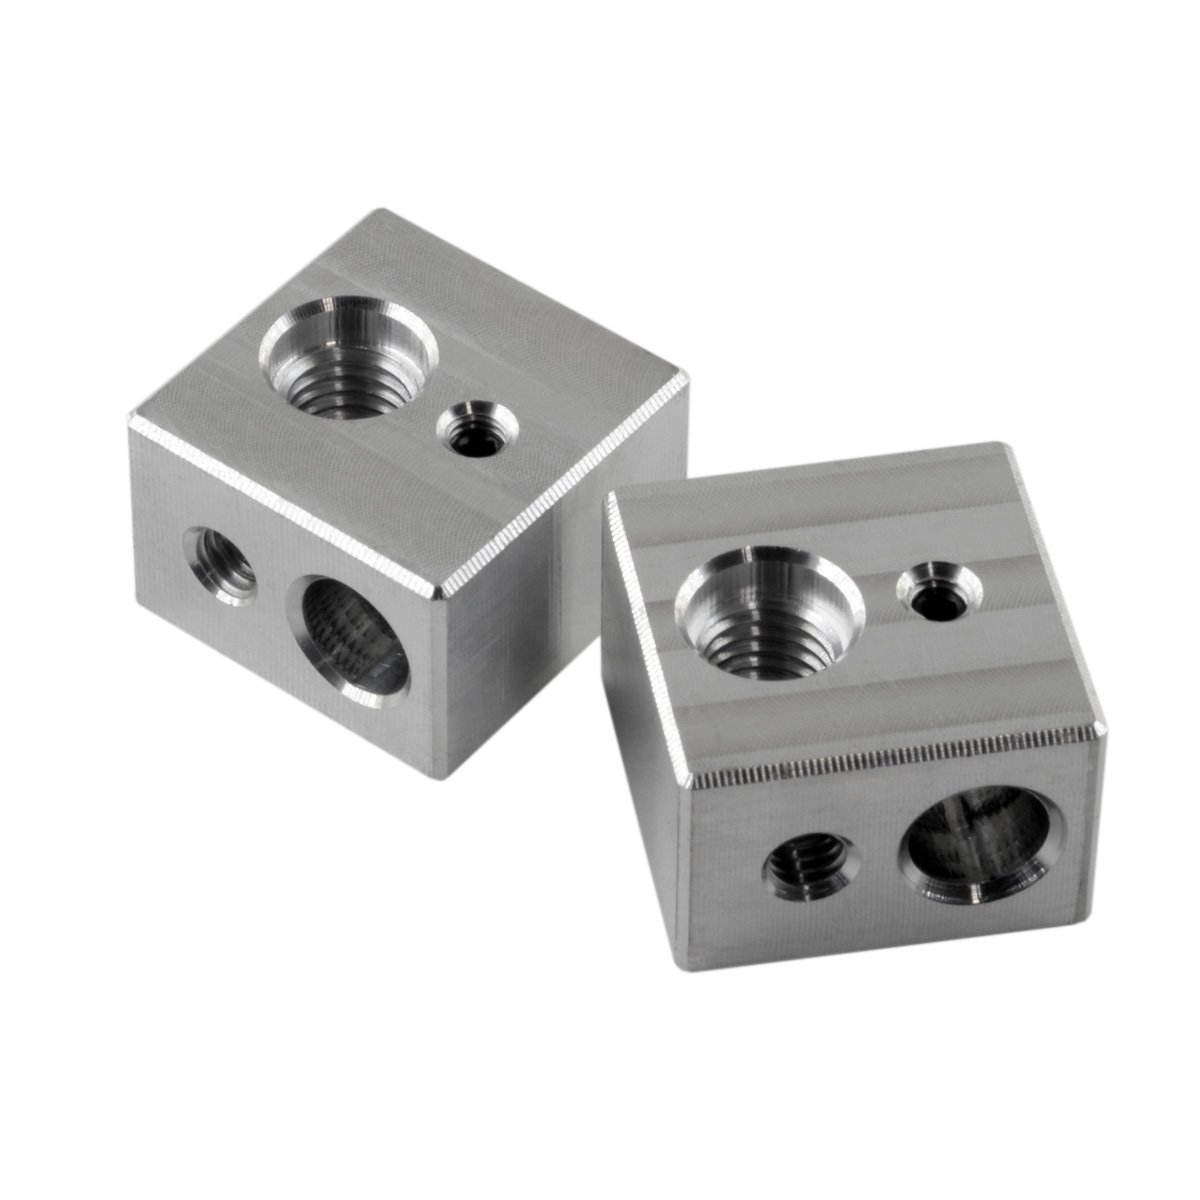 Made by US Company with Quality and Precision Gulfcoast Robotics Quality CNC MK10 Extruder Hotend for 3D Printer Maker Select Wanhao Duplicator